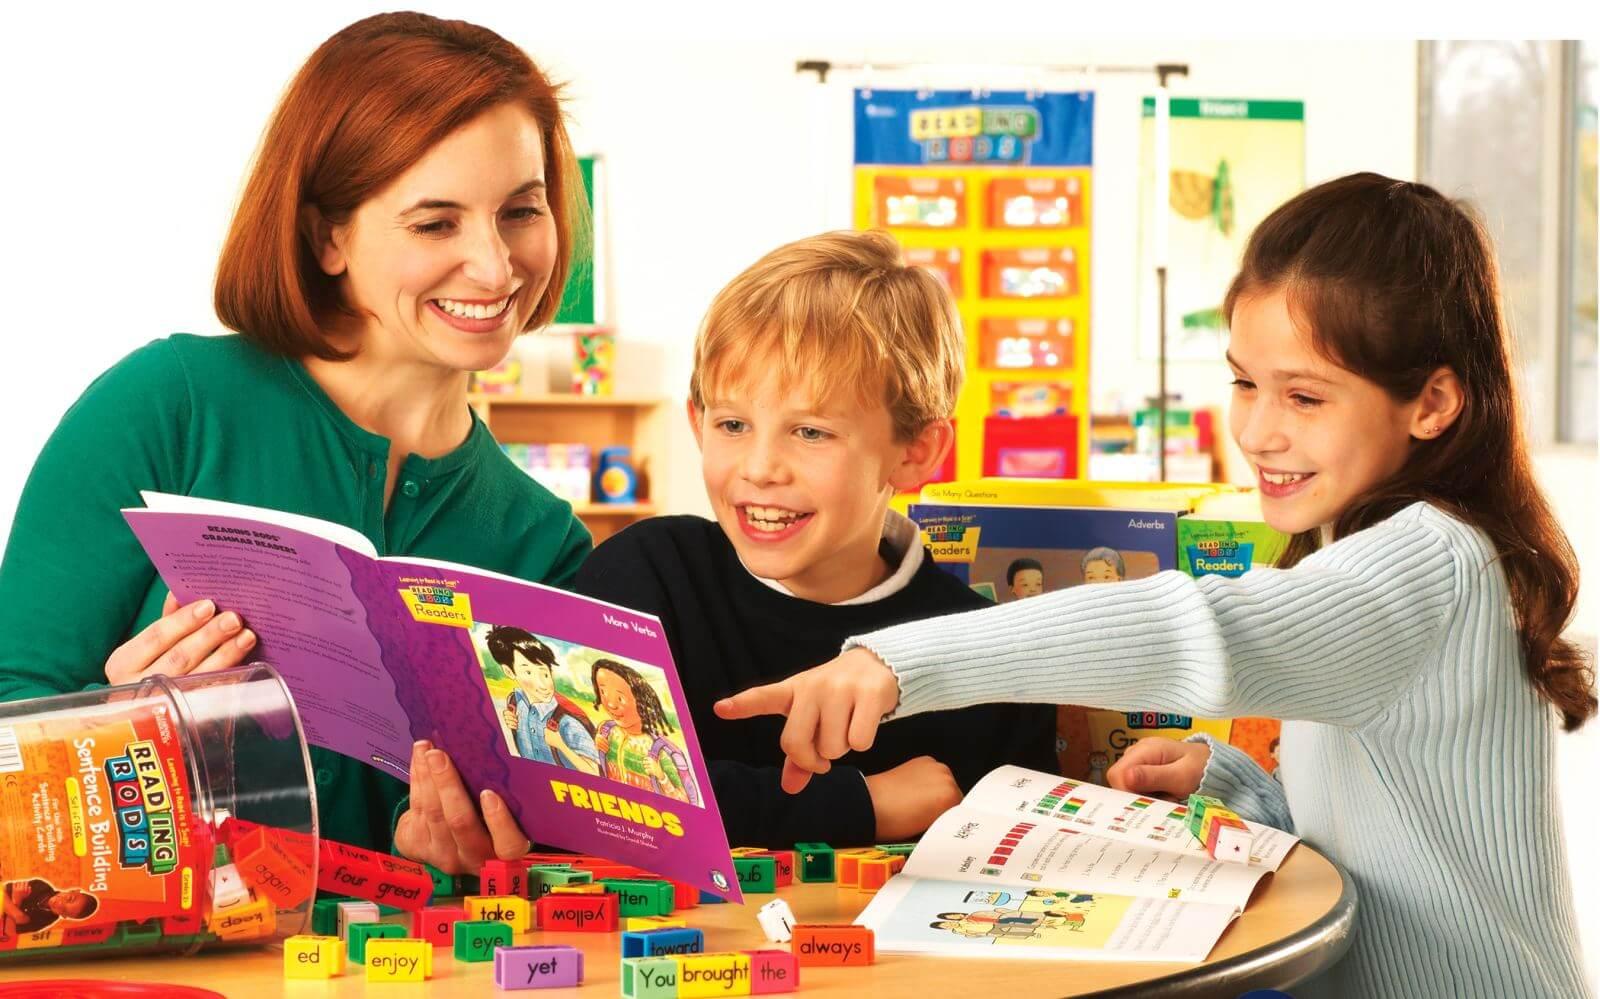 ضرورت یادگیری زبان دوم برای کودکان